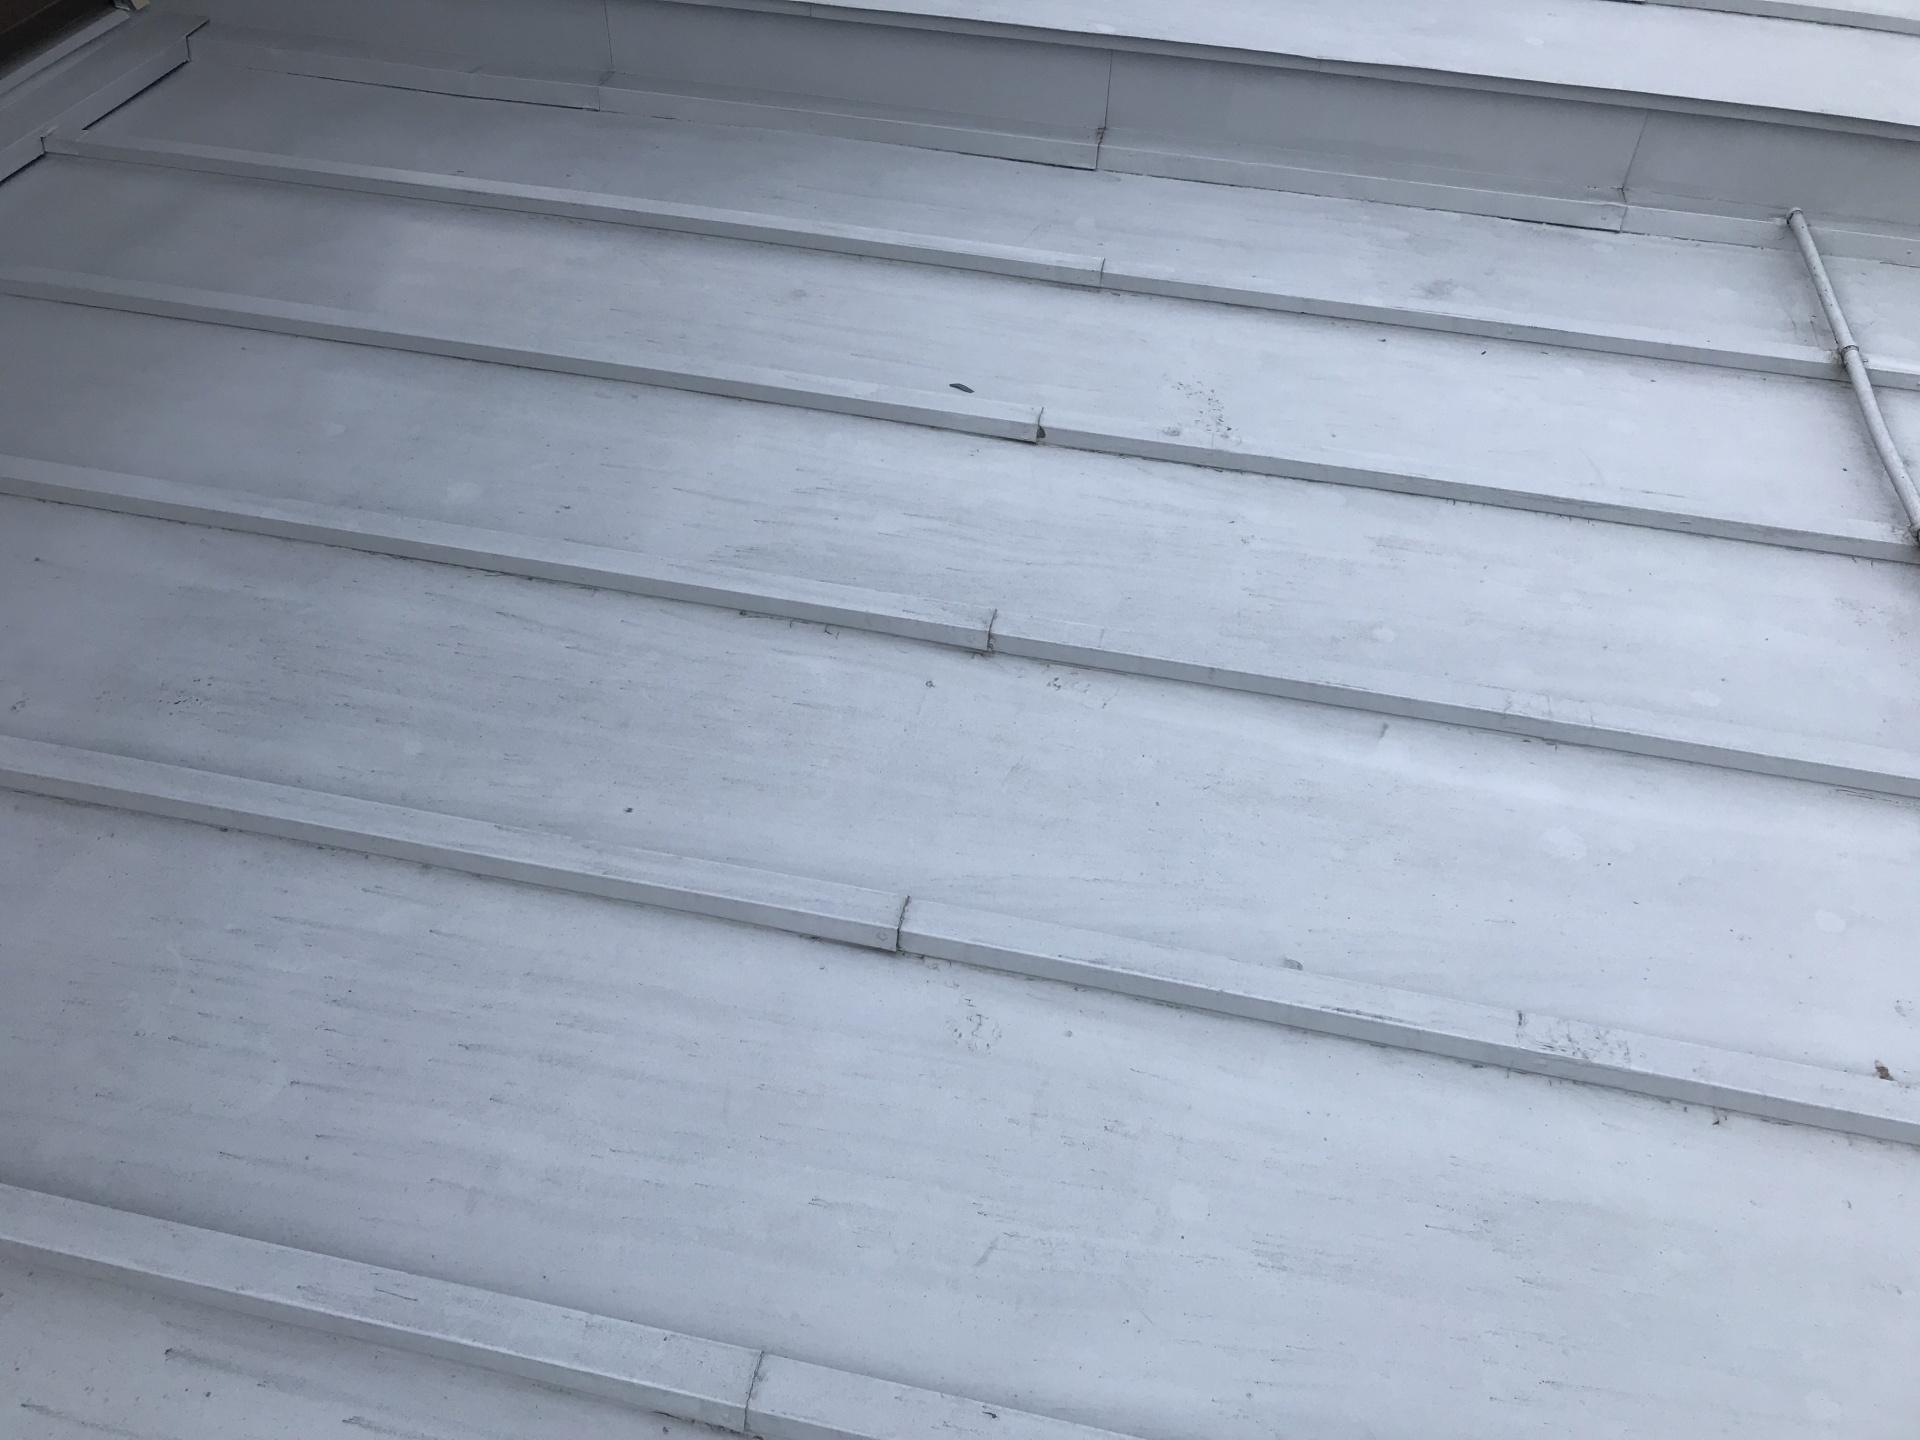 高崎市上小鳥町金属屋根の塗装が剥がれてきた・・・